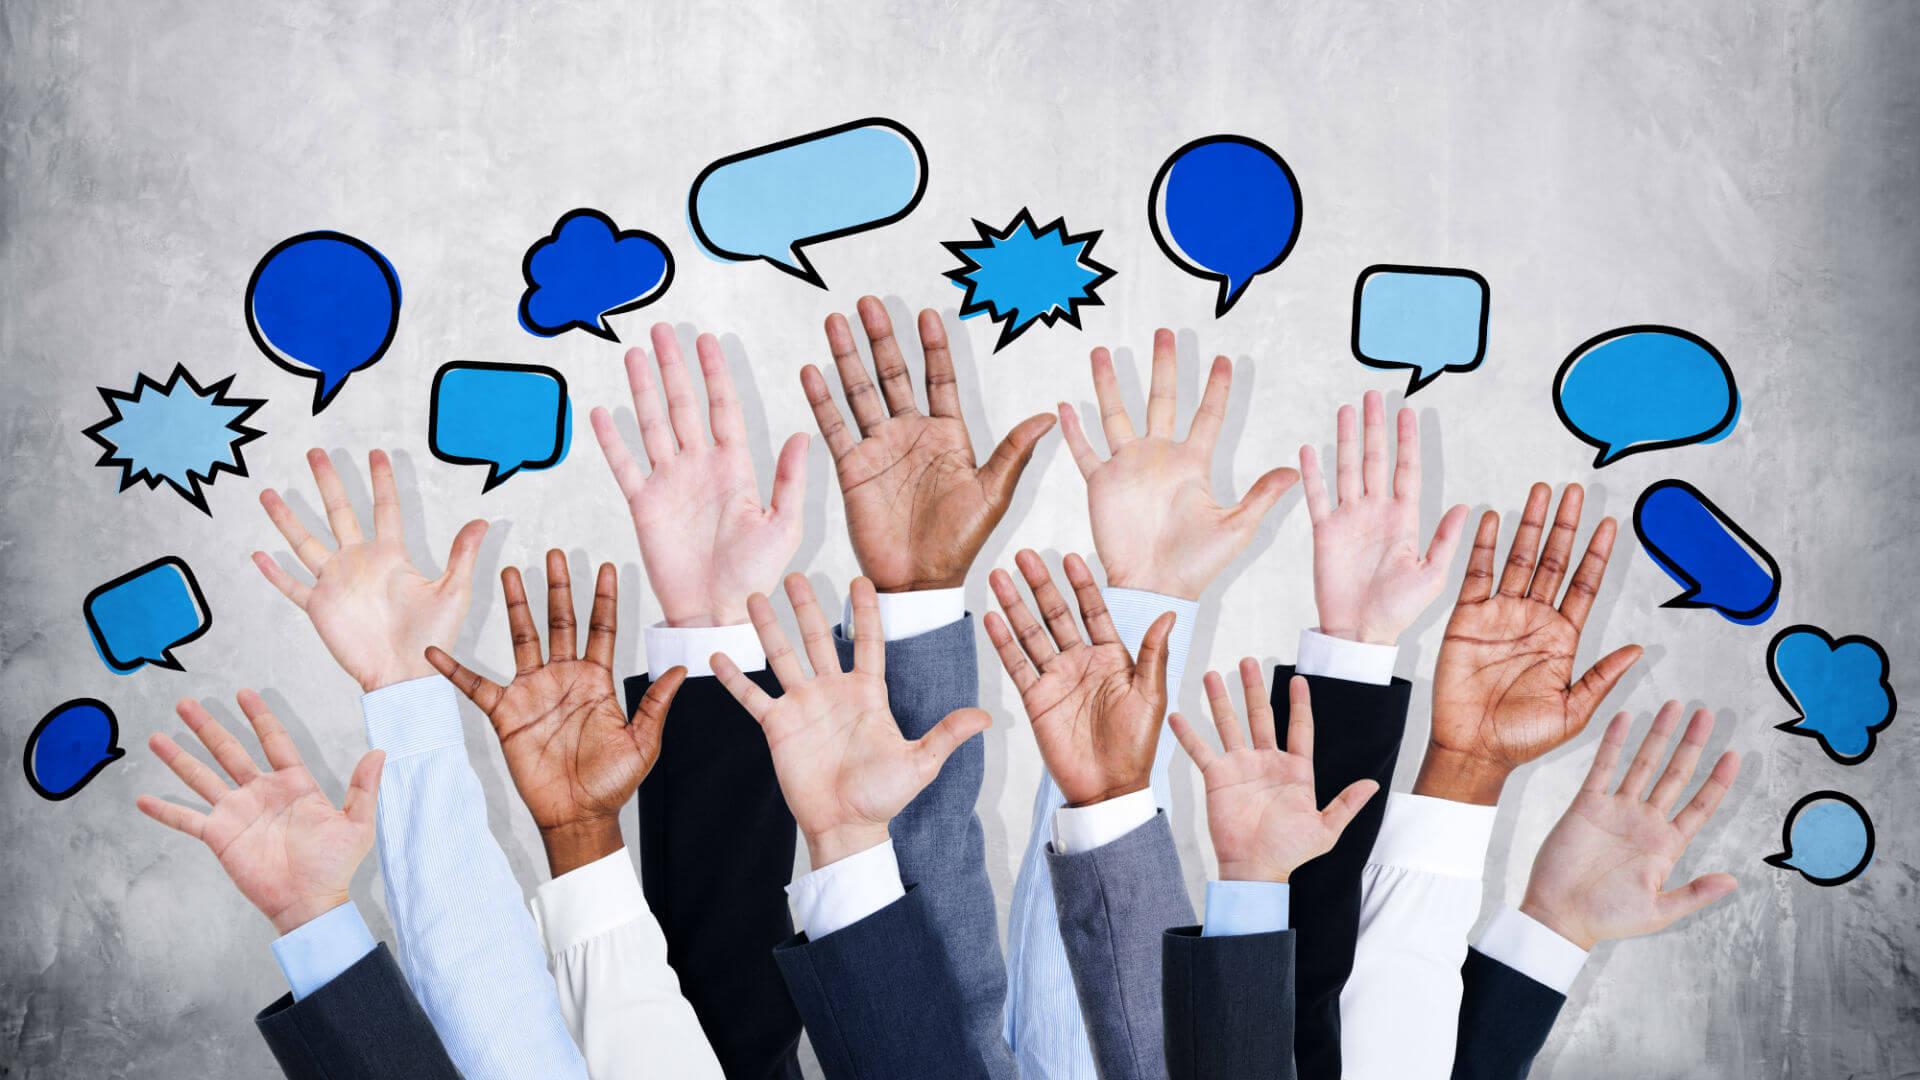 پرسشهای متداول نوشتن طرح و سناریو ویدیوهای بازاریابی